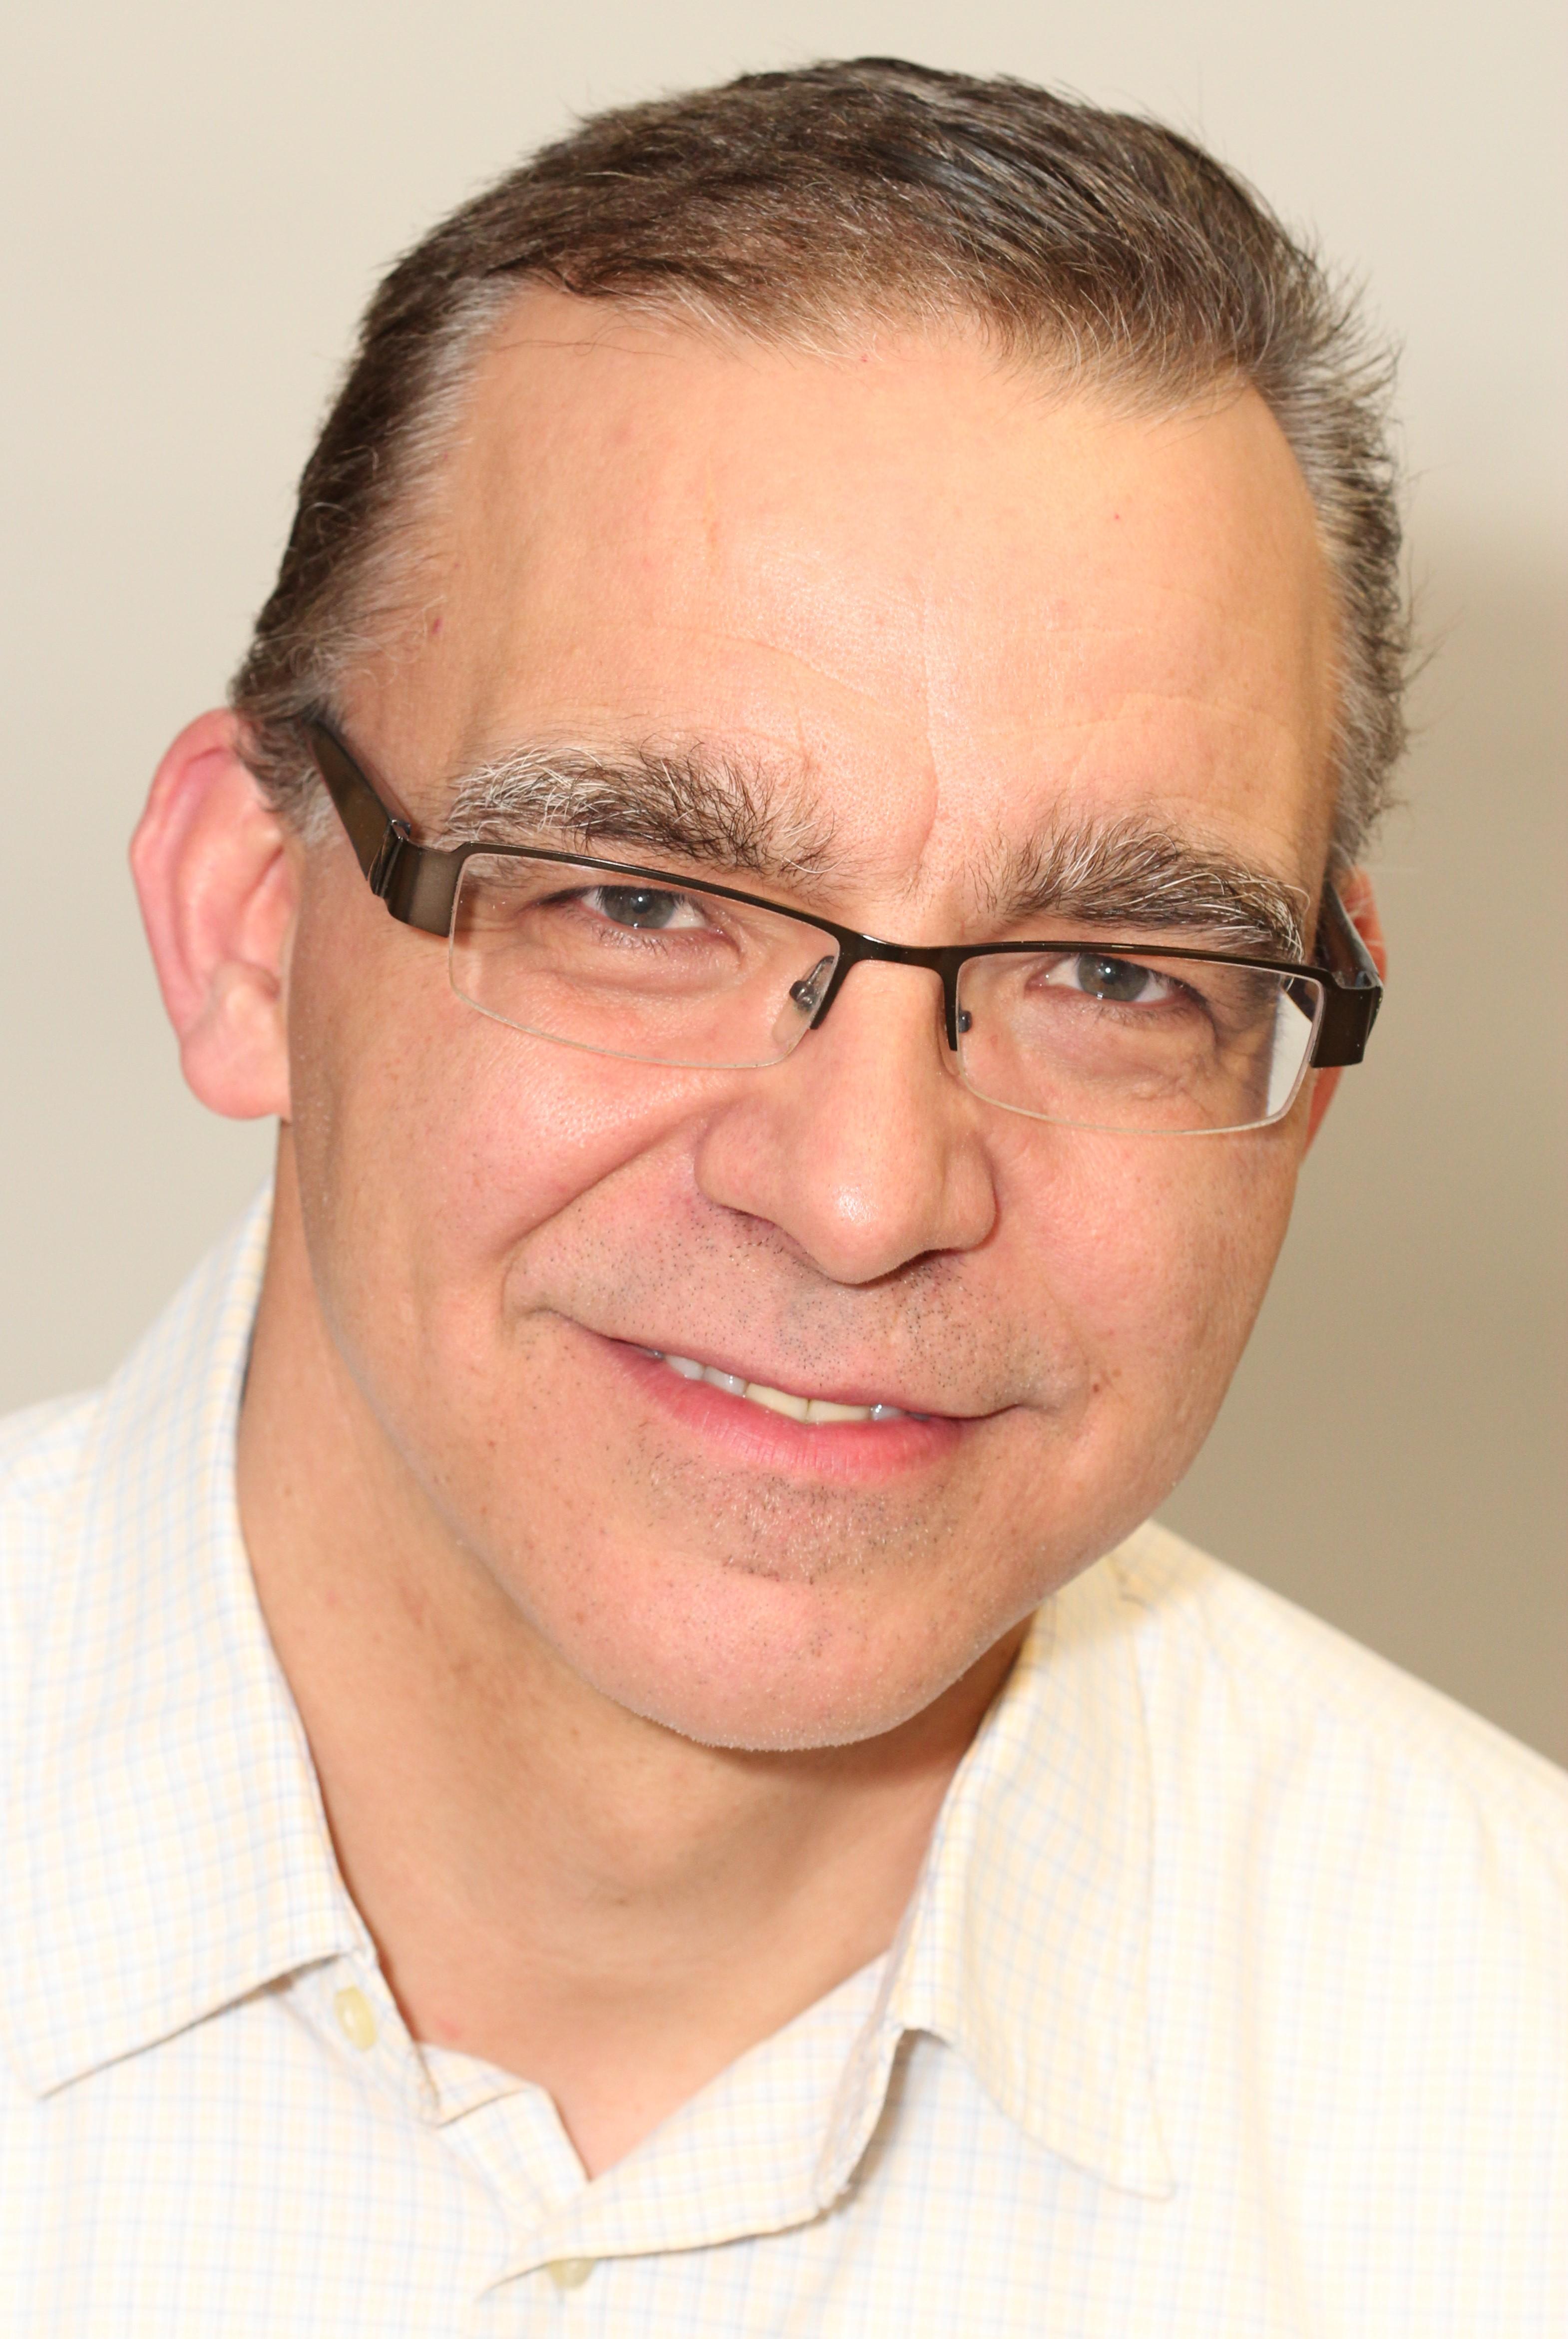 Dirk Schlimm, Autor des Artikels über Cyber-Sicherheit bei vernetzten Autos.